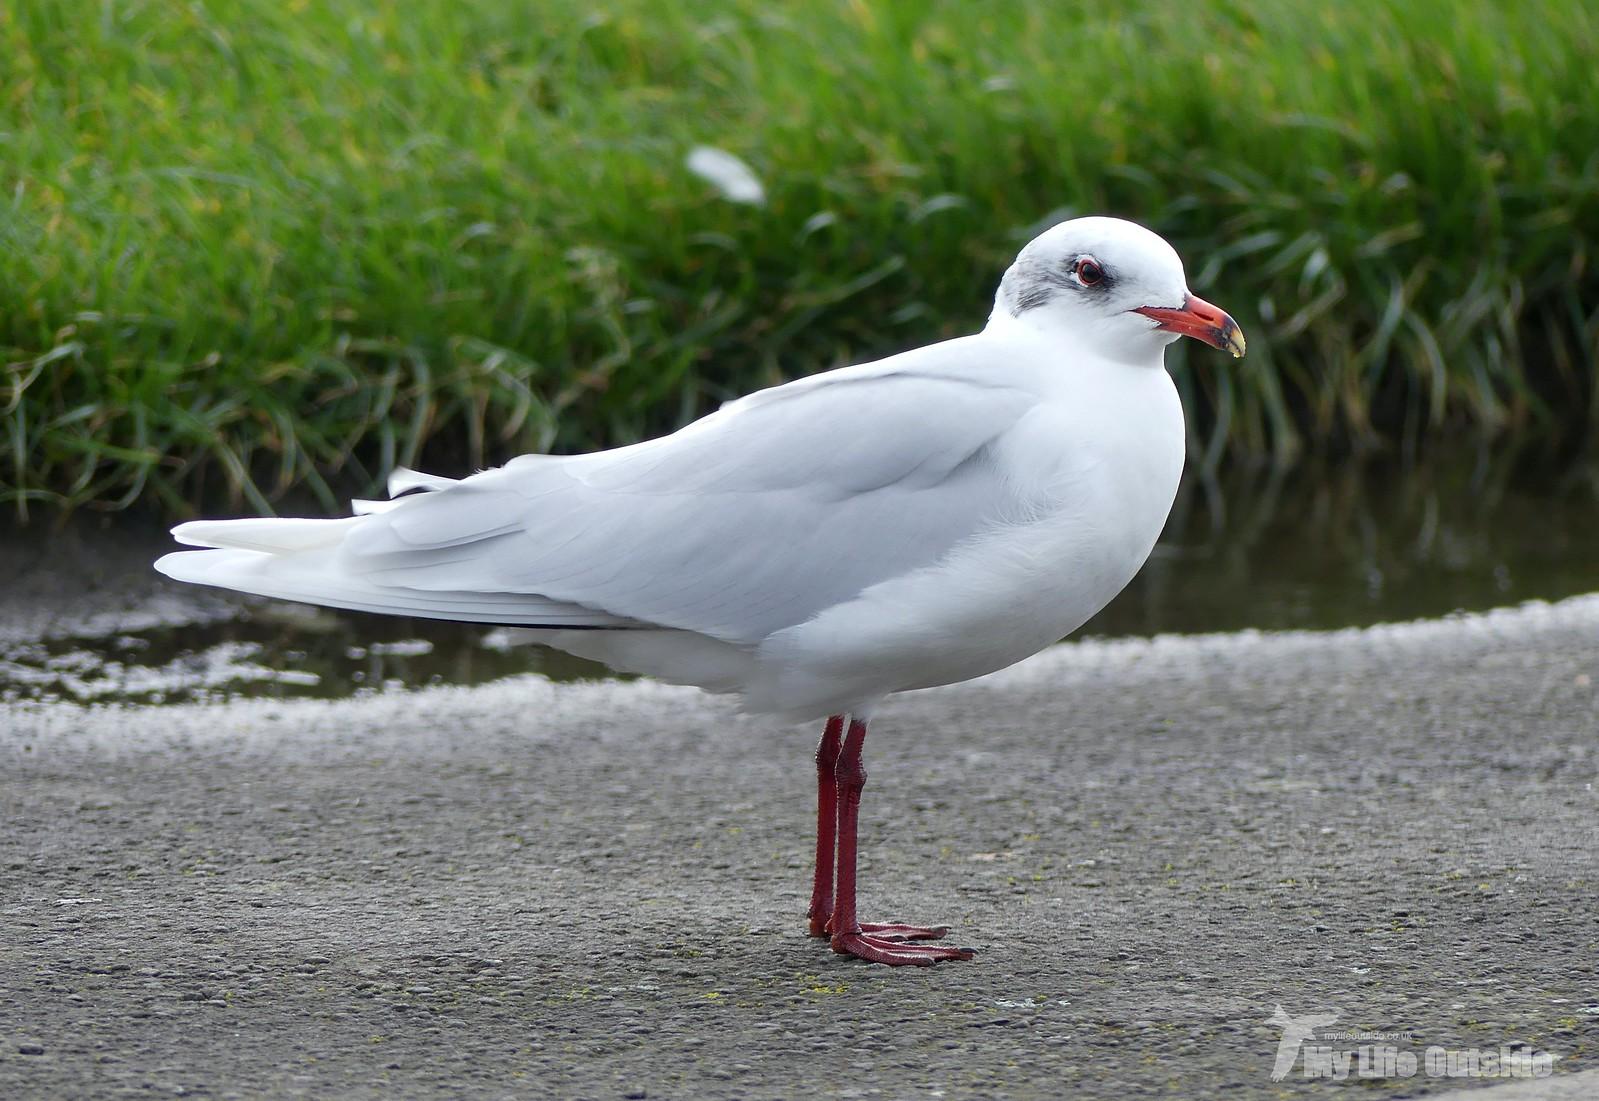 2020_02_0014 - Mediterranean Gull